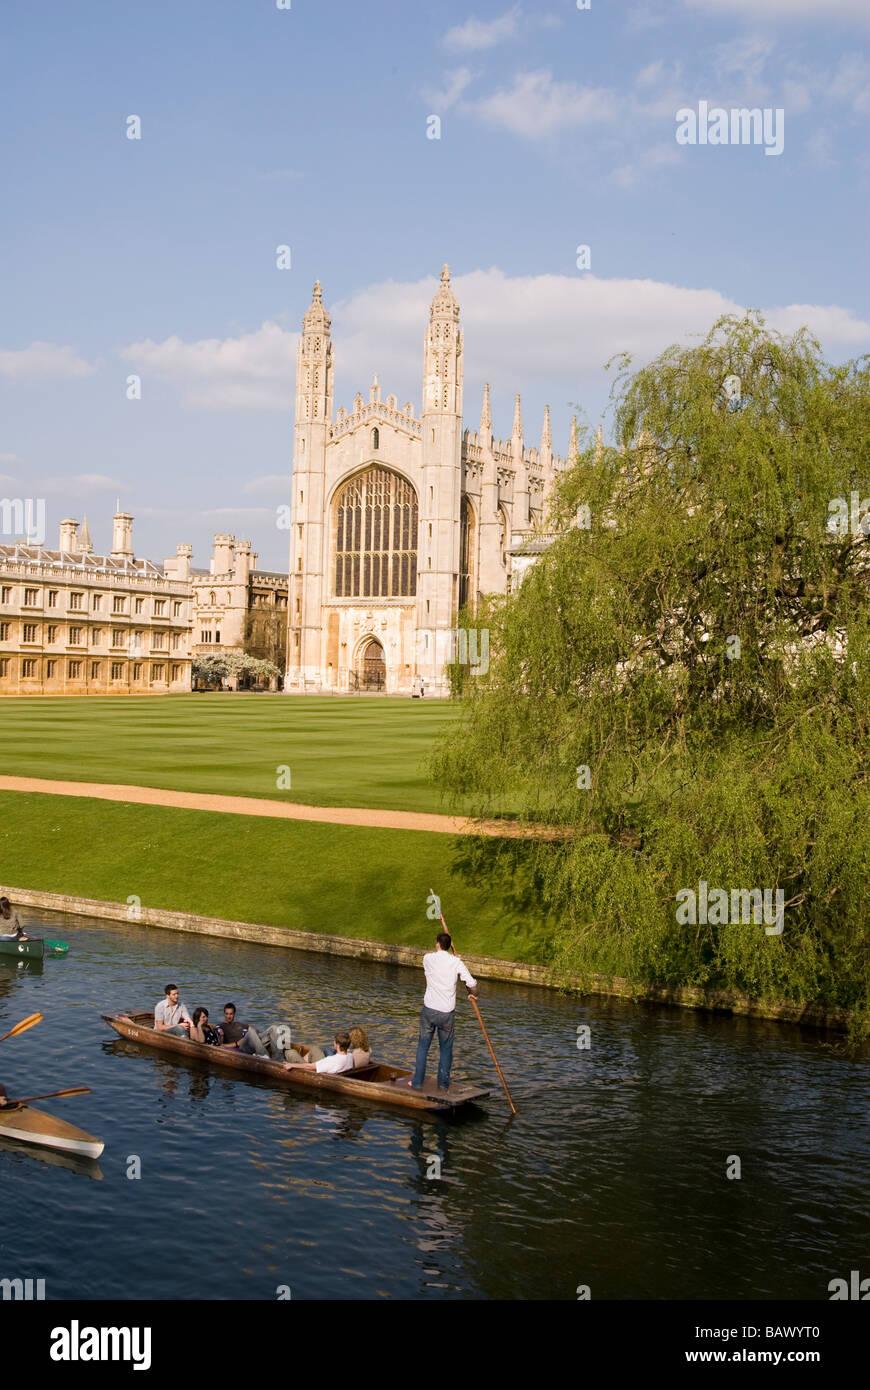 Tourist Punting Alongside Cambridge University - Stock Image